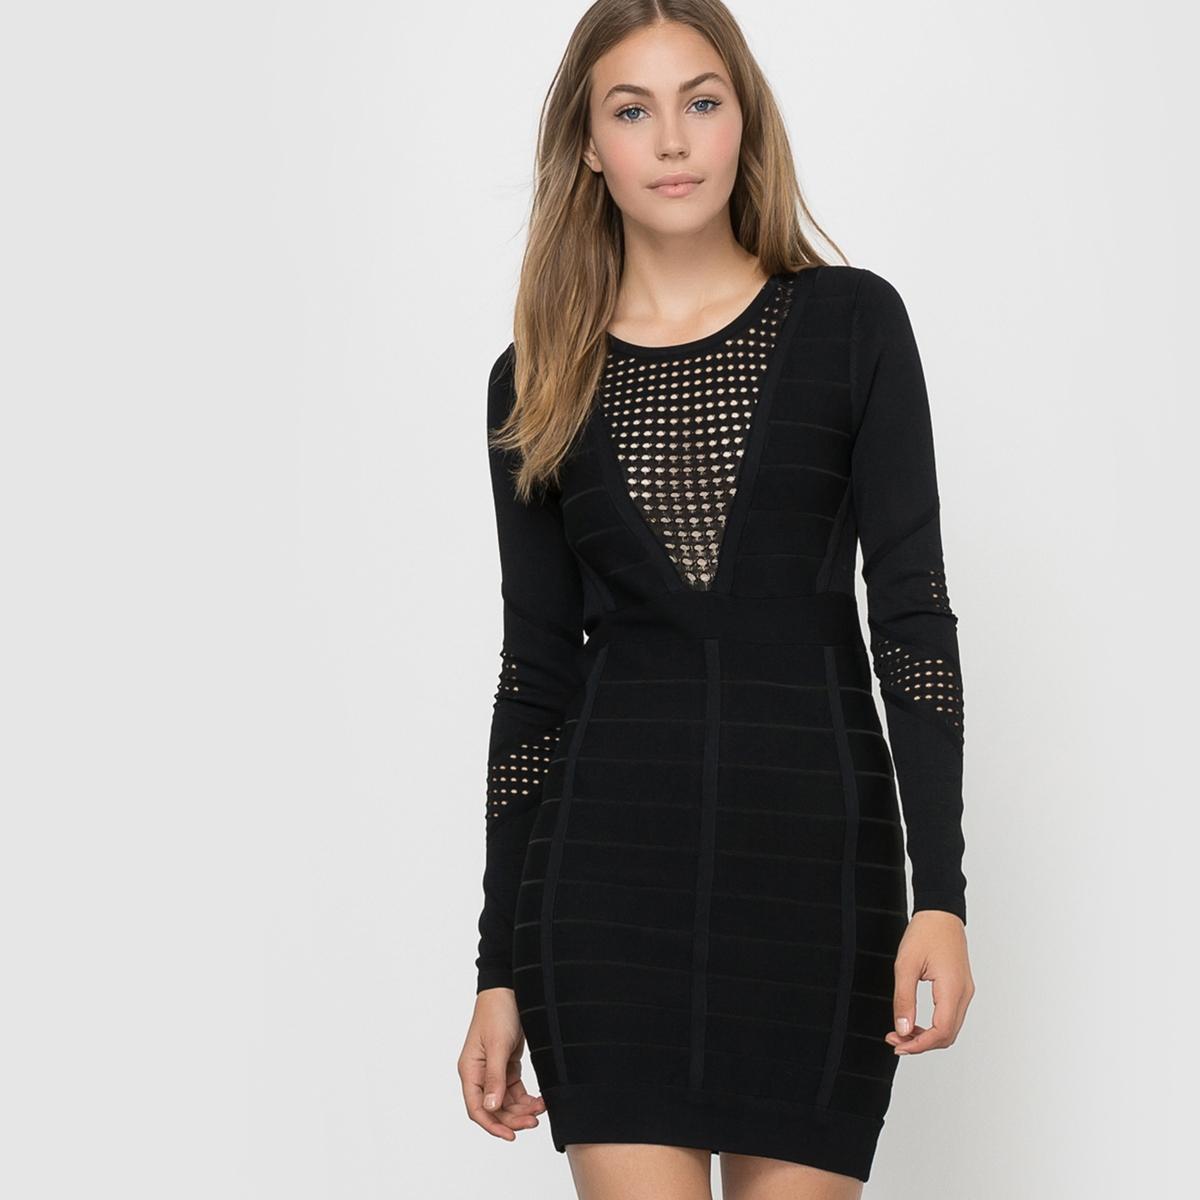 Платье ажурное с длинными рукавами DUO DANNI KNITS LS RDNK DRESS french connection one shoulder maxi dress в москве